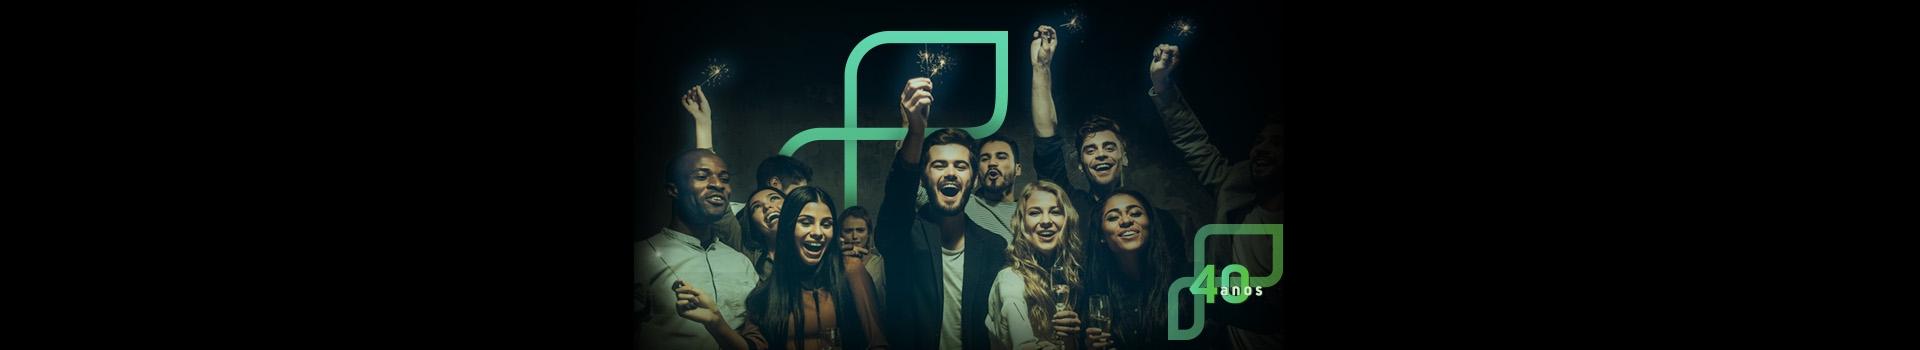 Imagem traz a imagem de um grupo de pessoas comemorando algo com taças nas mãos